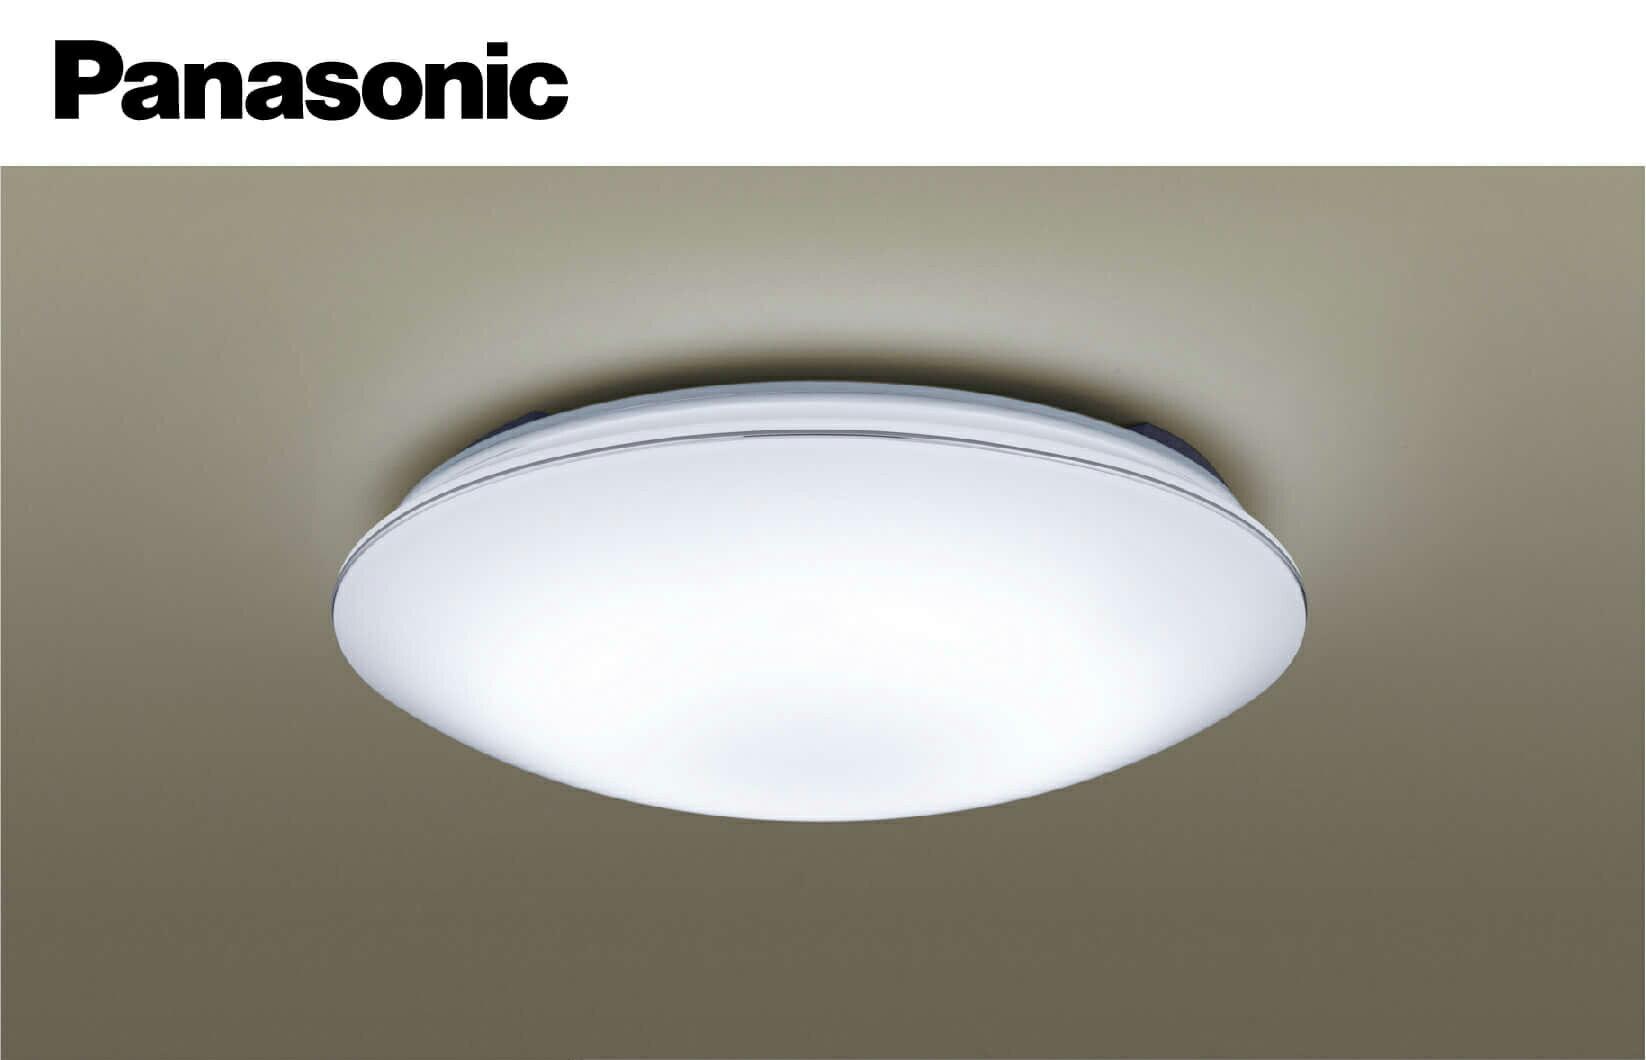 Panasonic國際牌★免運 LED 調光調色 遙控吸頂燈 32.5W 110V★永光HH-LAZ3036209